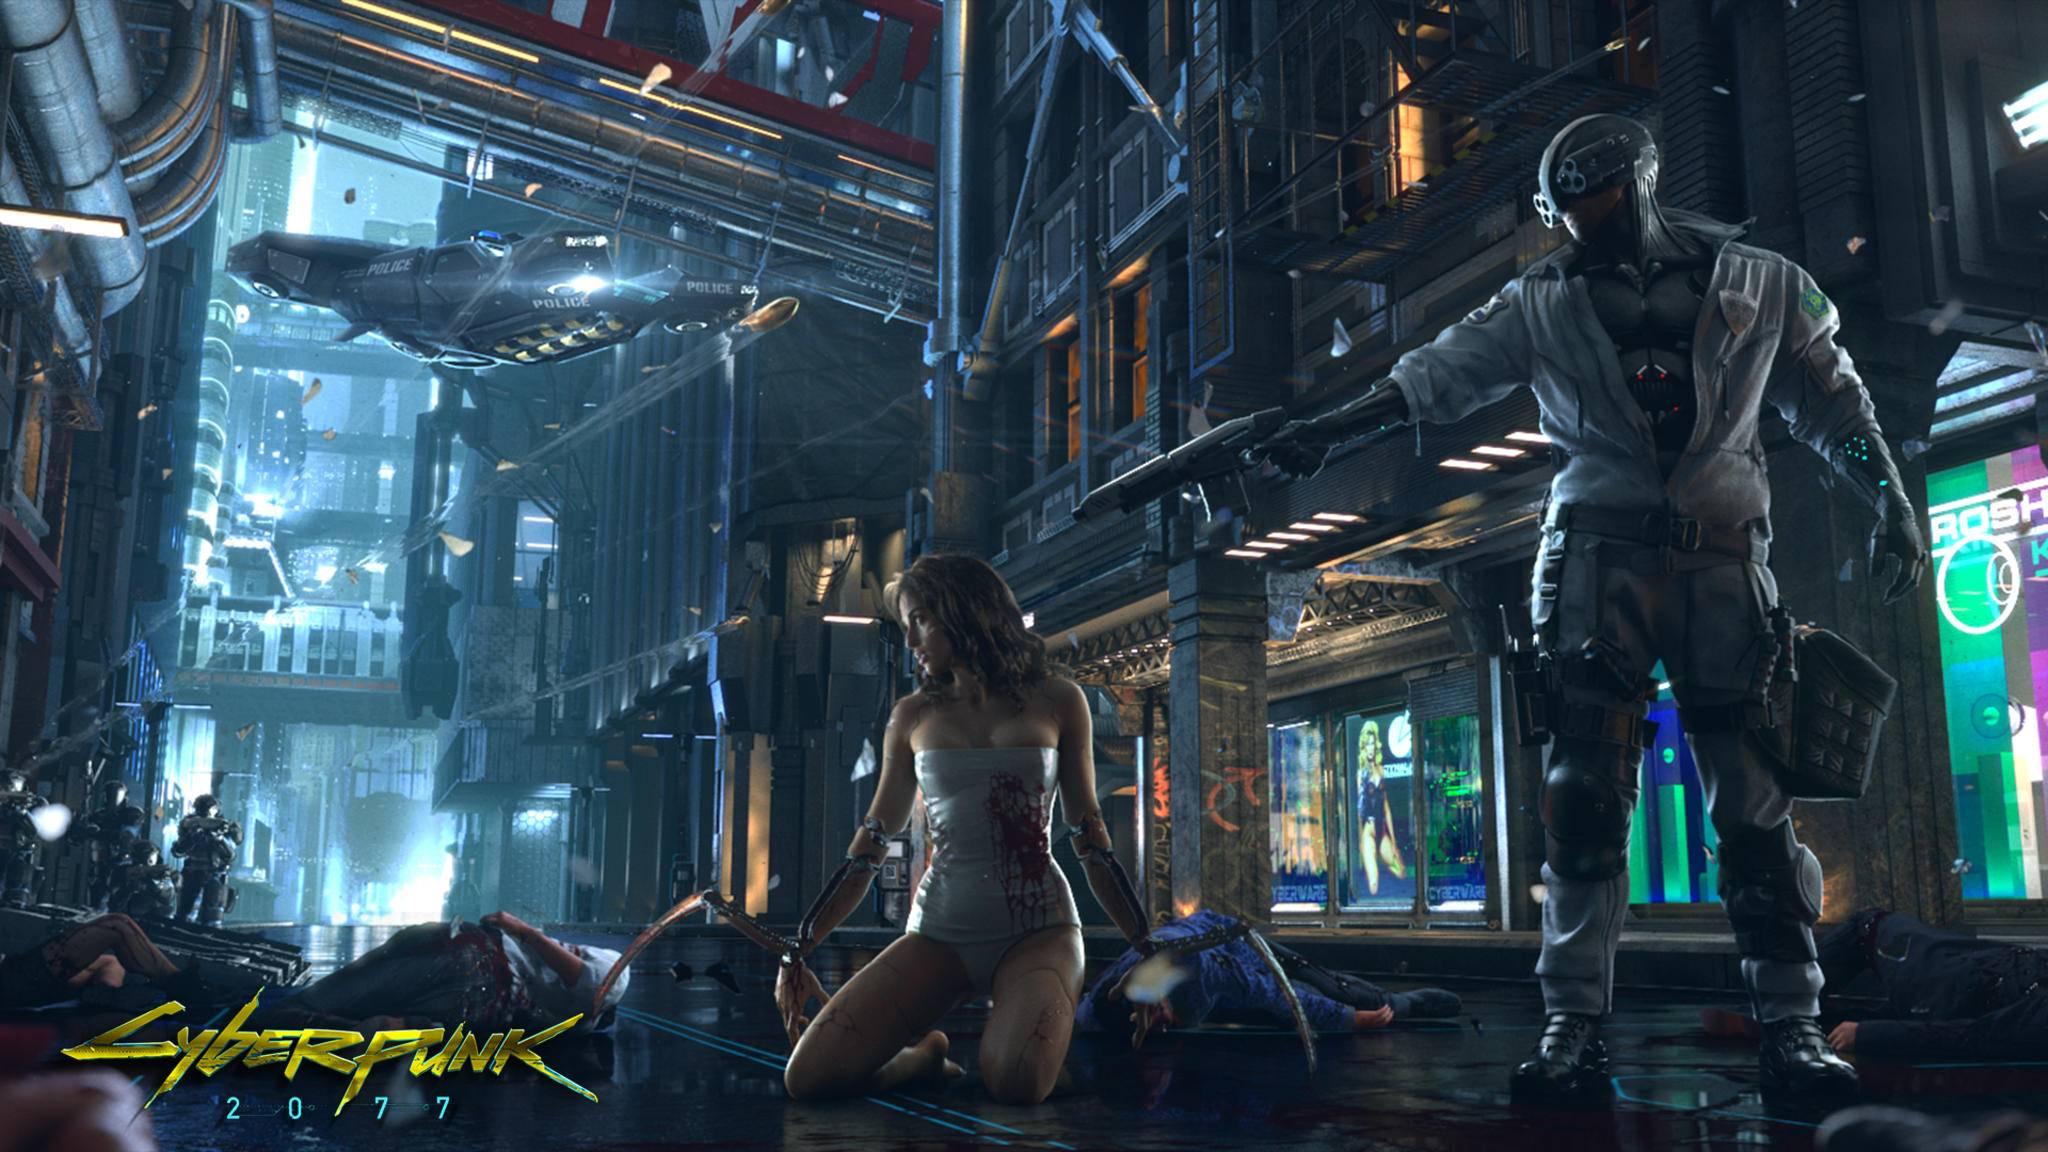 """""""Cyberpunk 2077"""" spielt in einer düsteren Vision der Zukunft."""